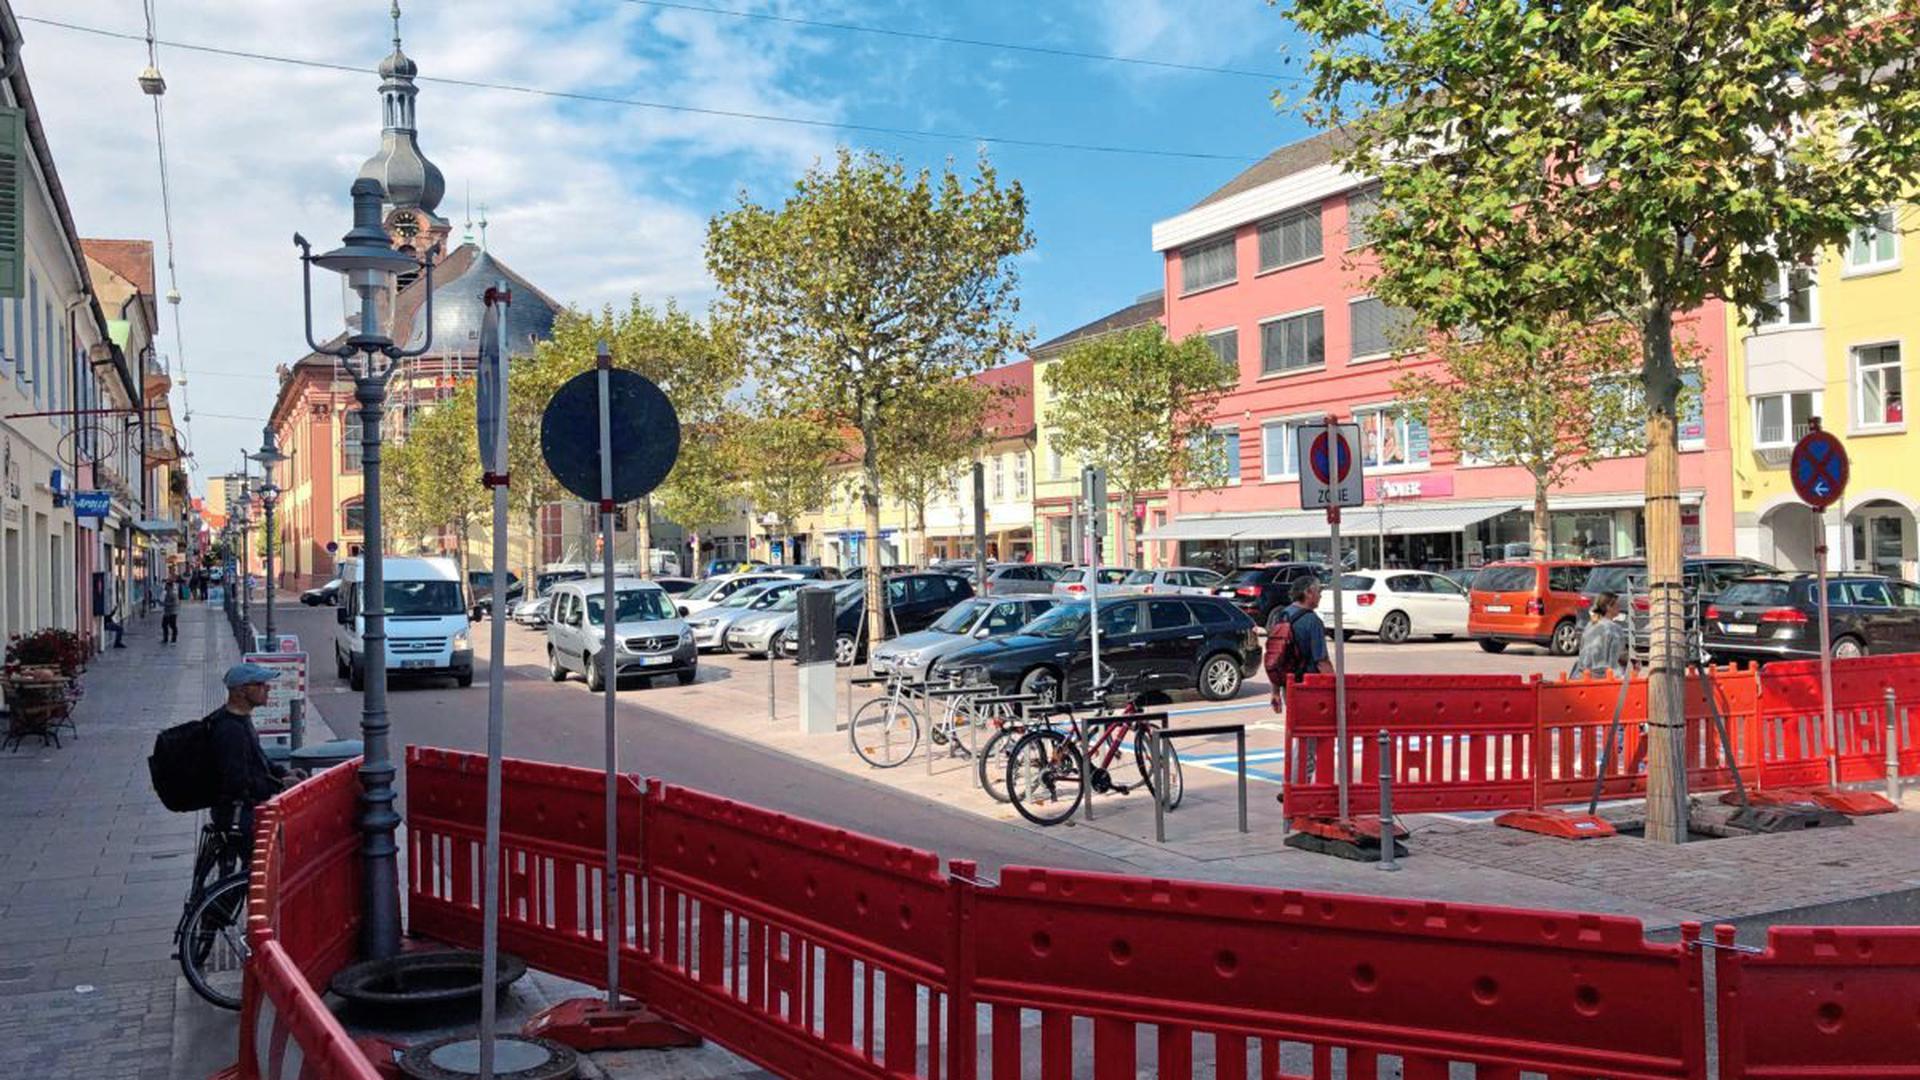 Zu Ehren des Kanzlers der Versöhnung schlägt der Sprecher der Freien Wähler den hinteren Marktplatz als Willy-Brandt-Platz vor.